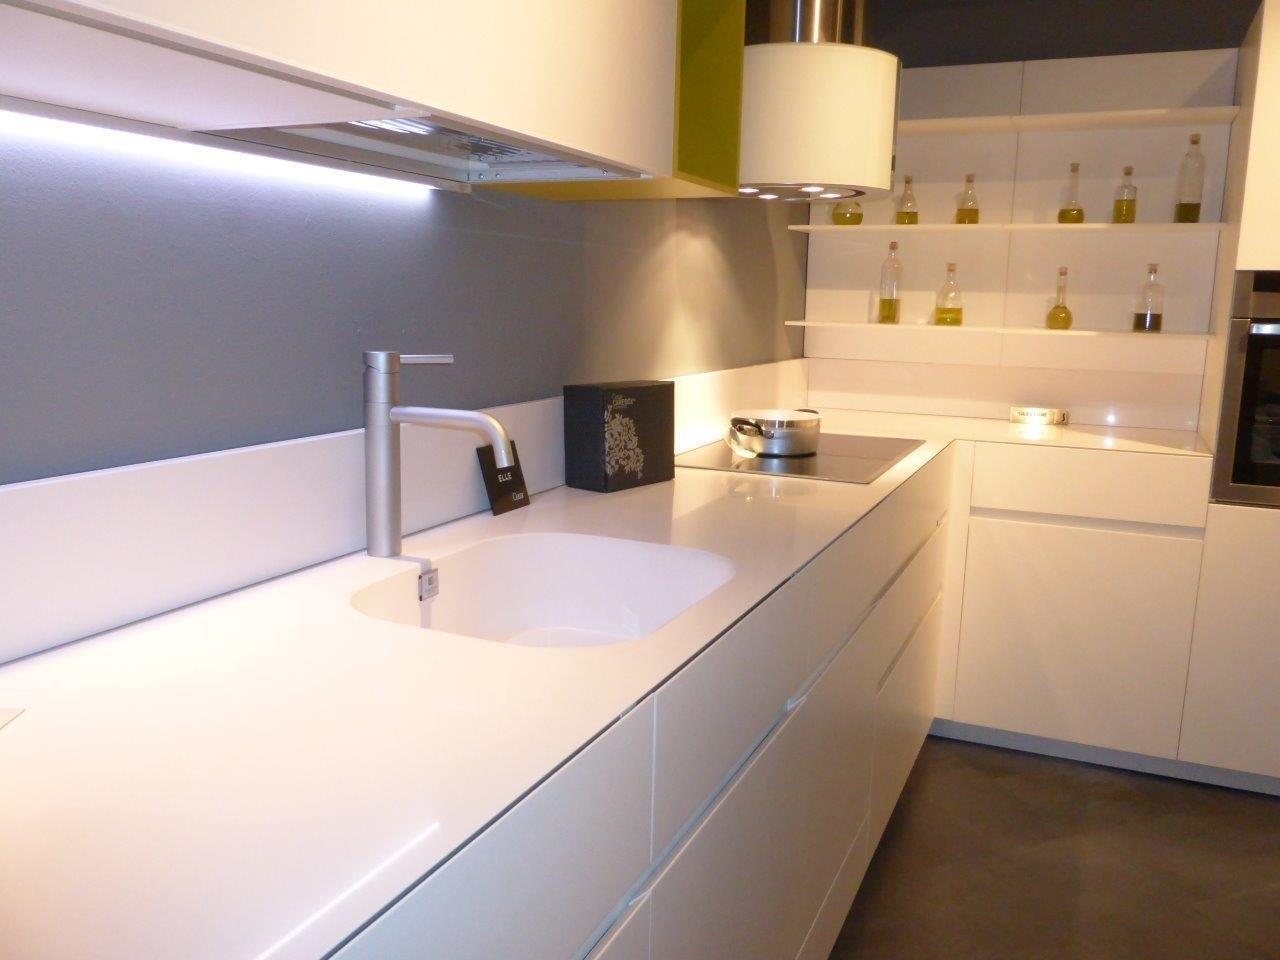 Awesome top in quarzo prezzi pictures - Top cucina quarzo prezzi ...